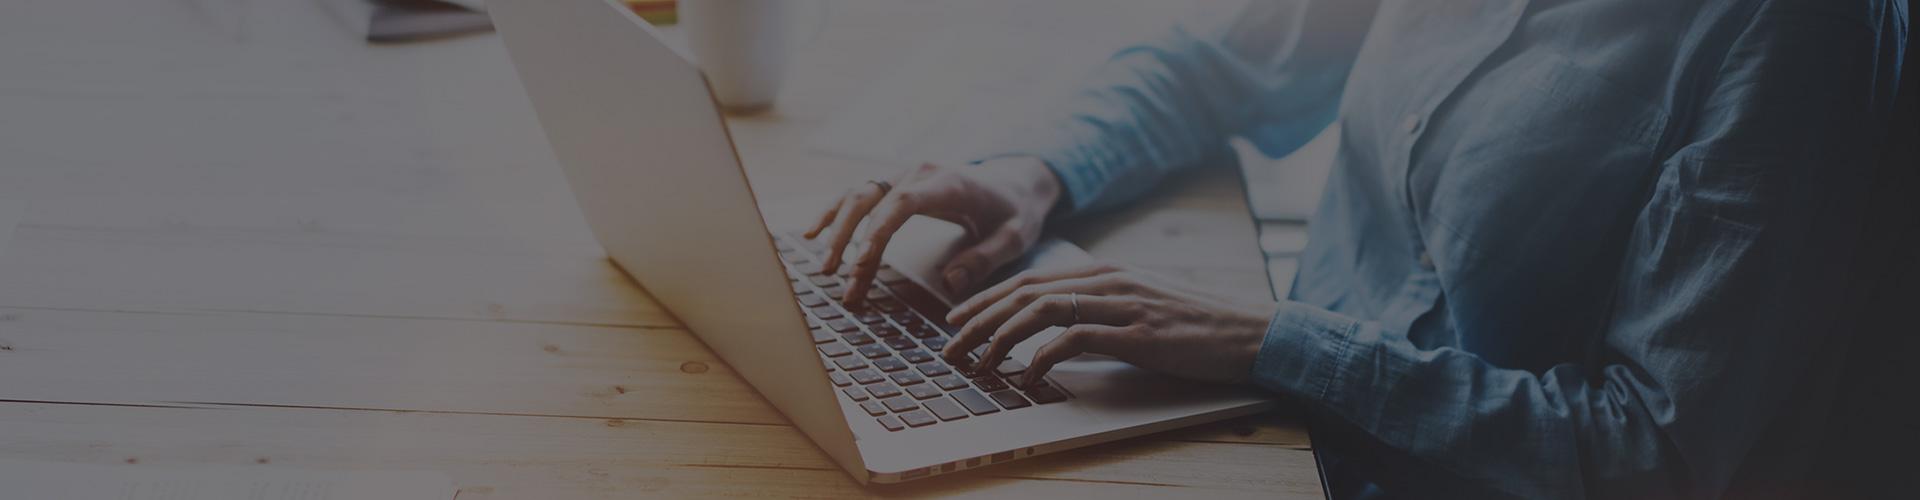 Searchxxx - Die erste saubere Porno-Suchmaschine